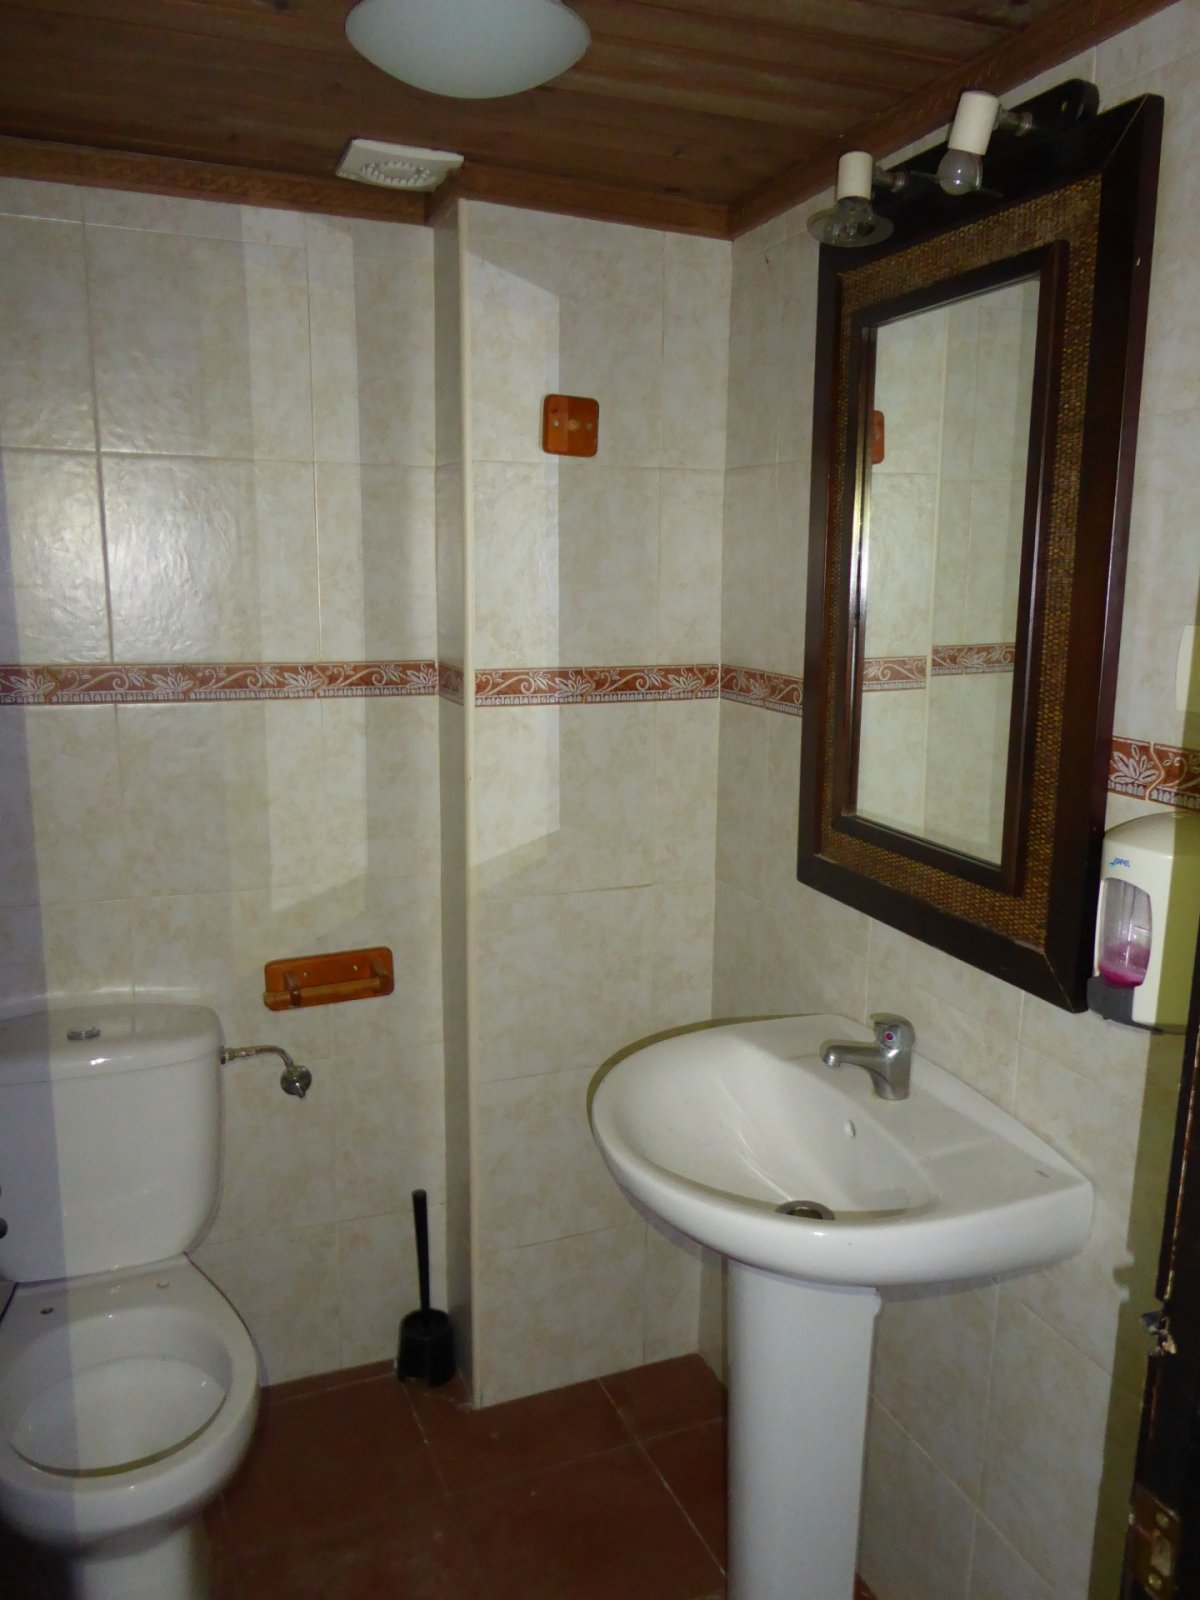 Local hostelería en el llano - imagenInmueble6